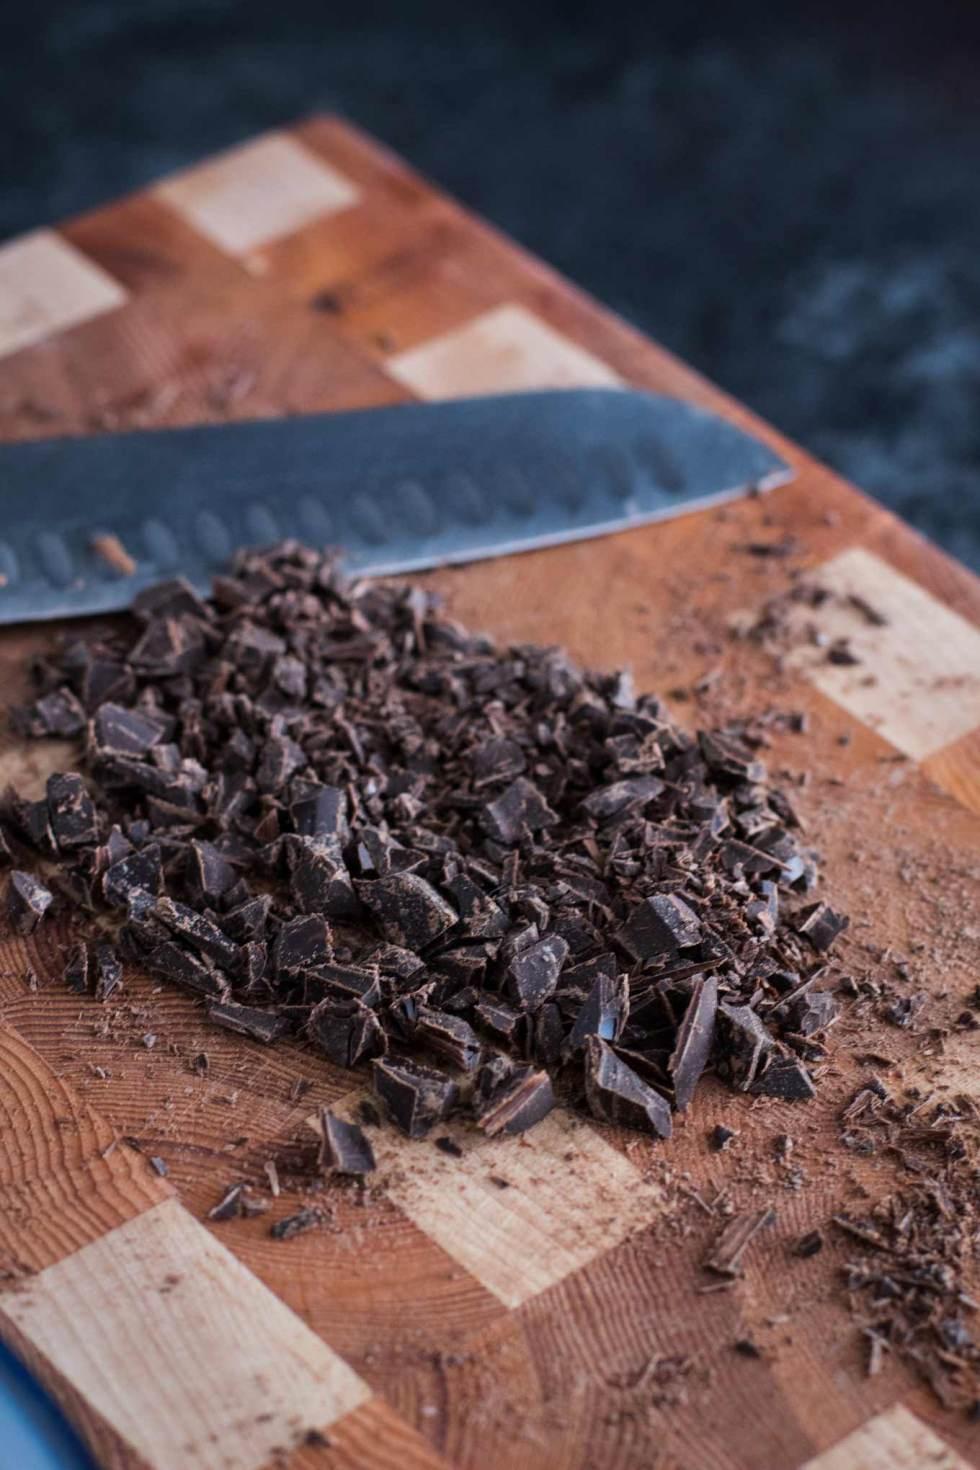 Chopped dark chocolate on a wood cutting board